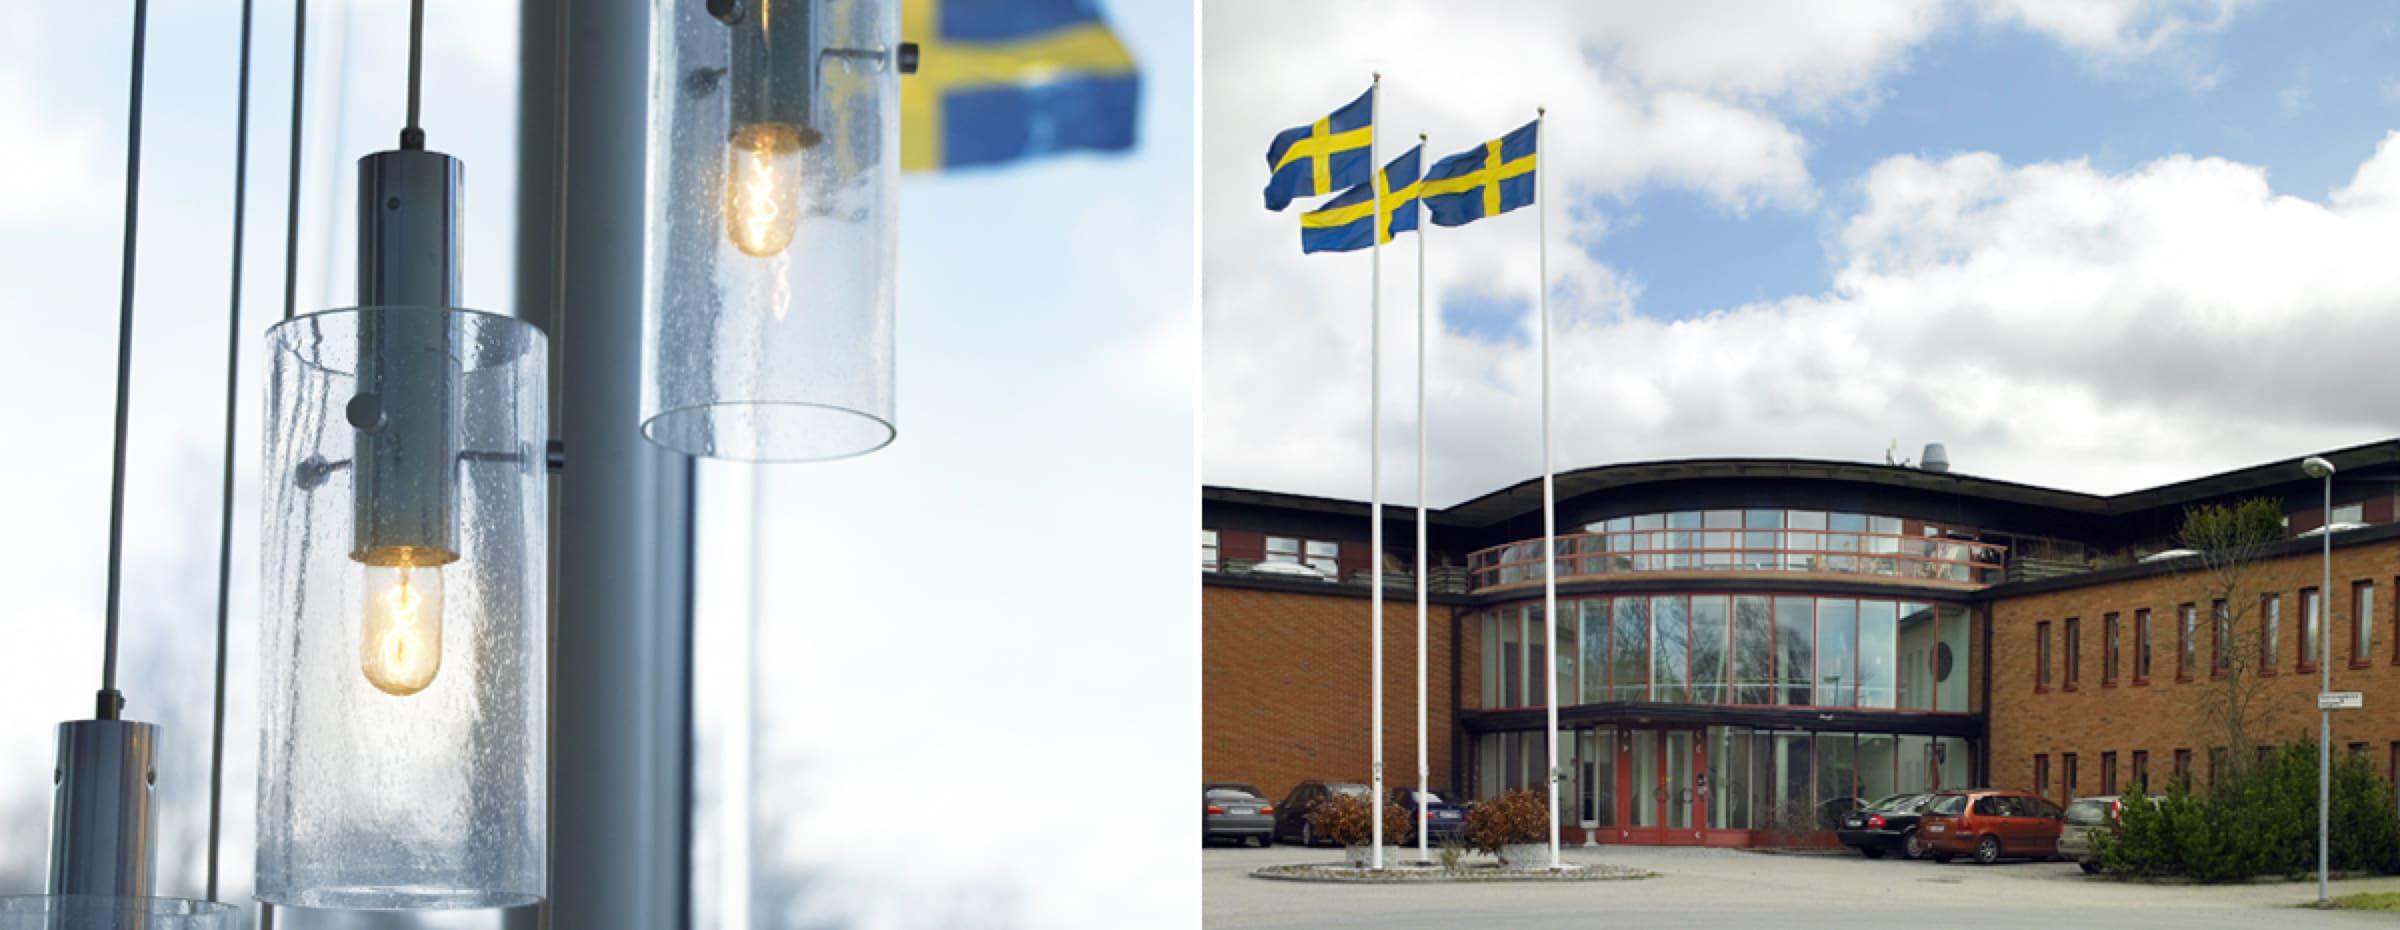 Matting ABs huvudkontor på Tomasgårdsvägen 19 i Alingsås